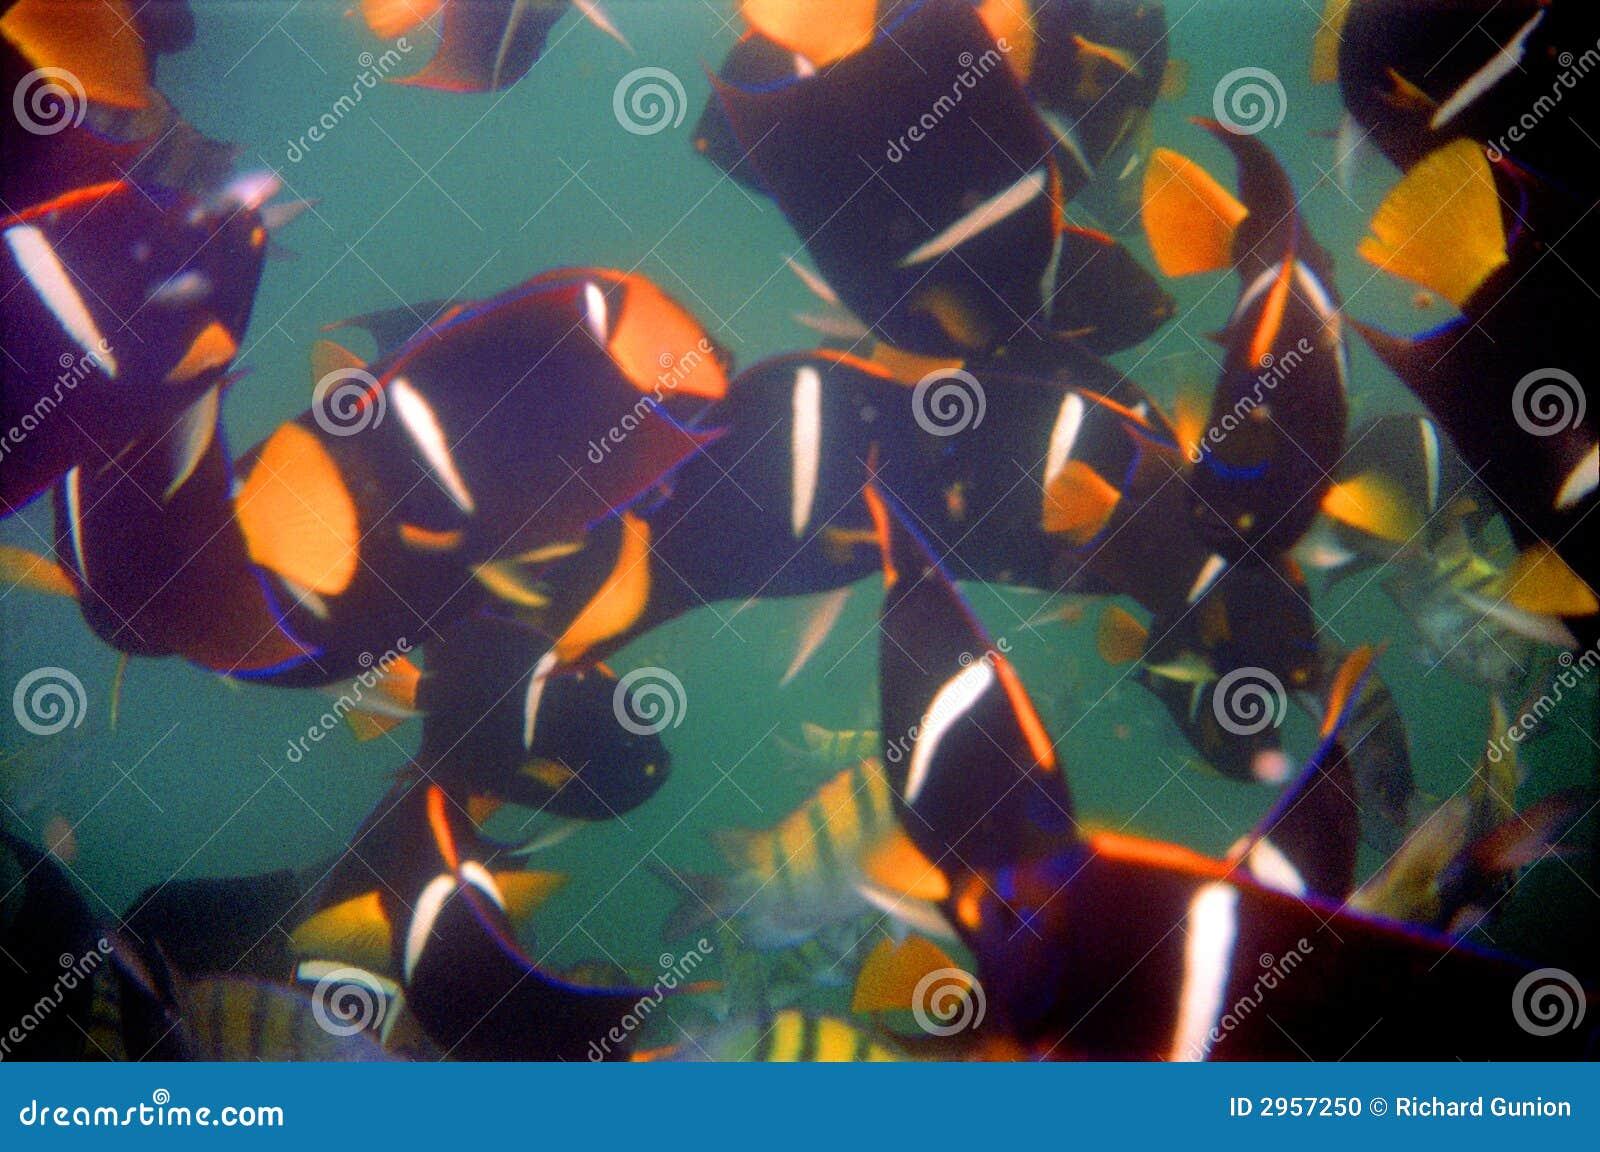 Los Arcos Tropical Fish